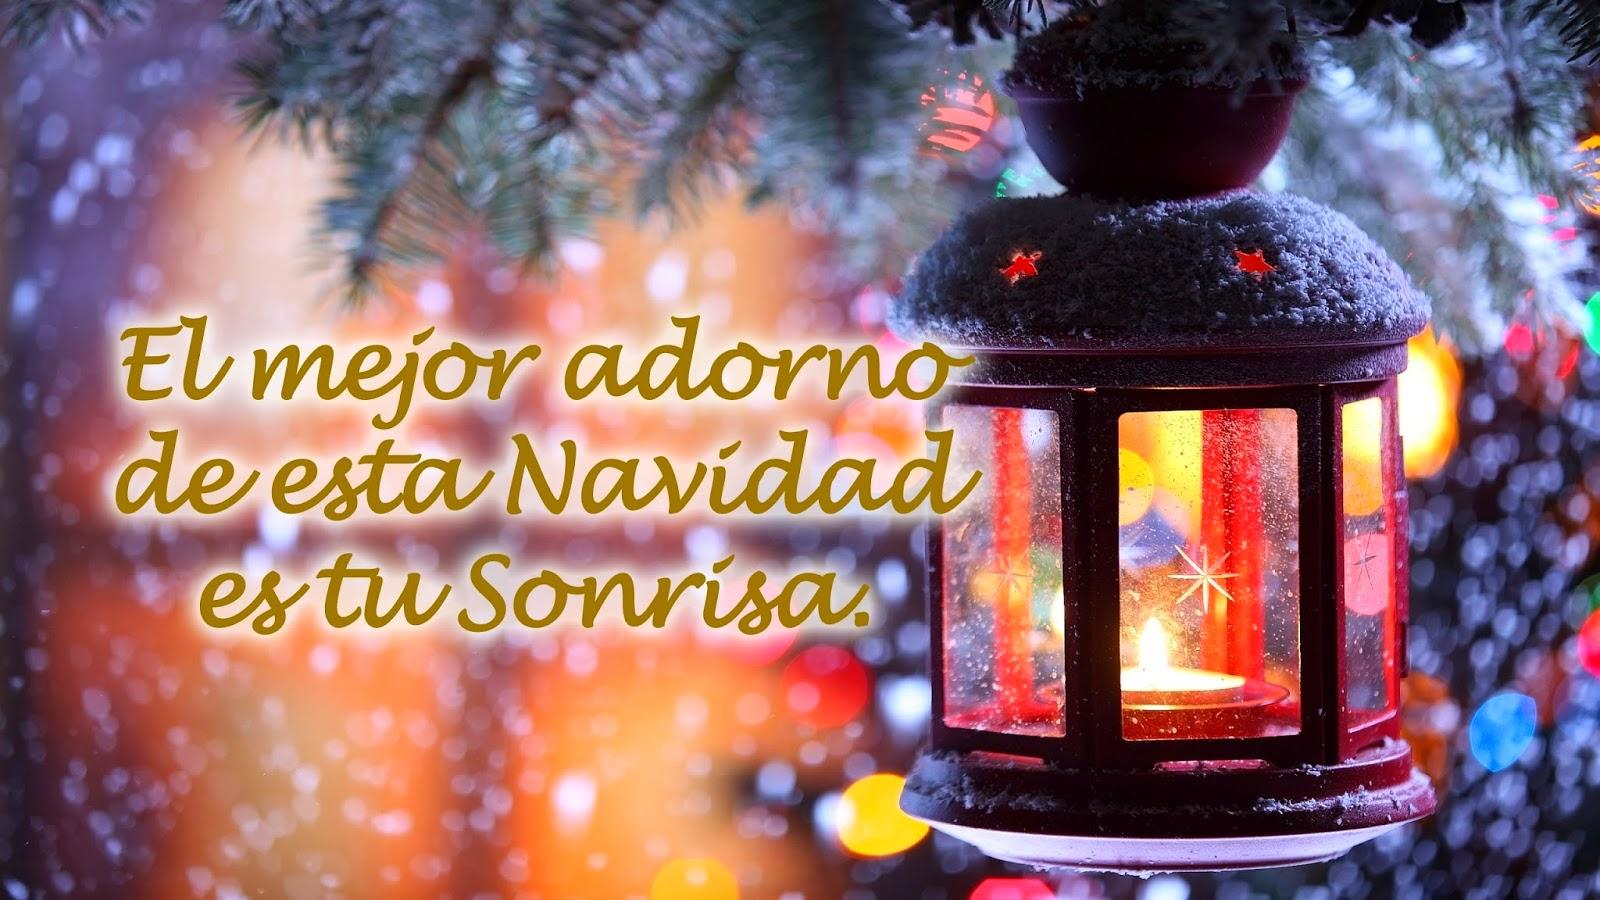 Frases De Navidad: El Mejor Adorno De Esta Navidad Es Tu Sonrisa